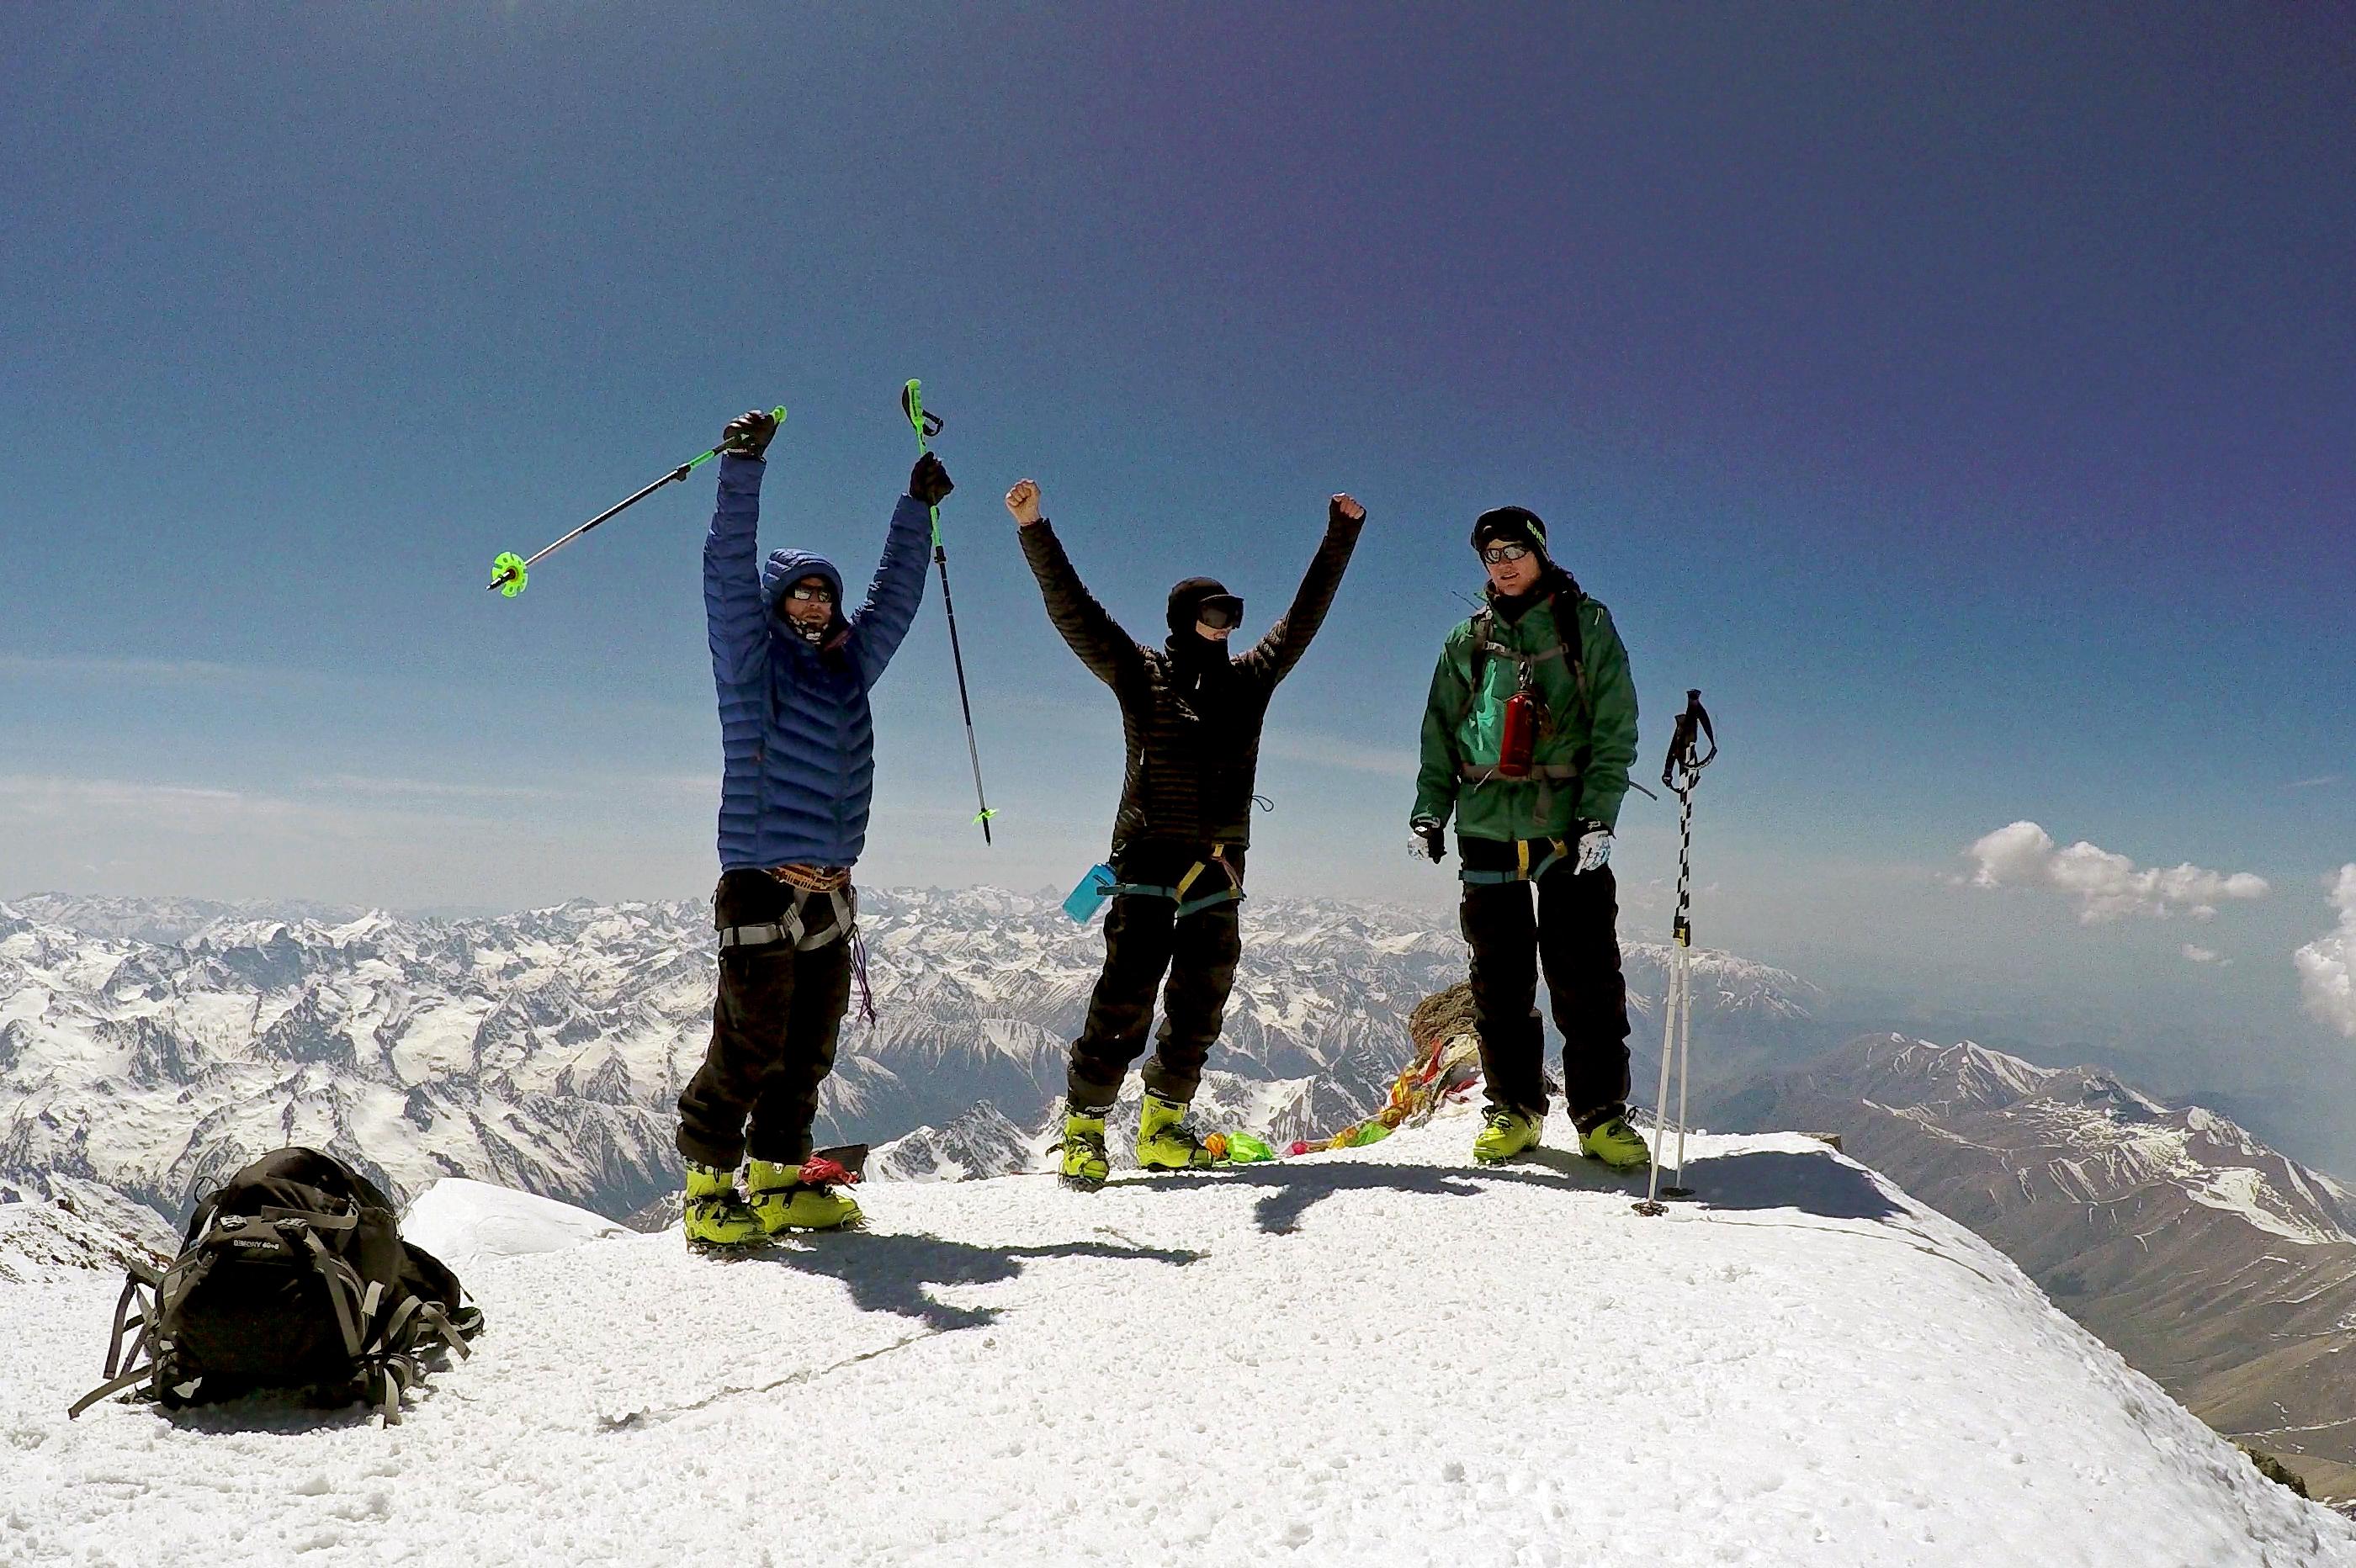 Klettergurt Skitour : Eine skitour auf das dach europas bergsteiger magazin